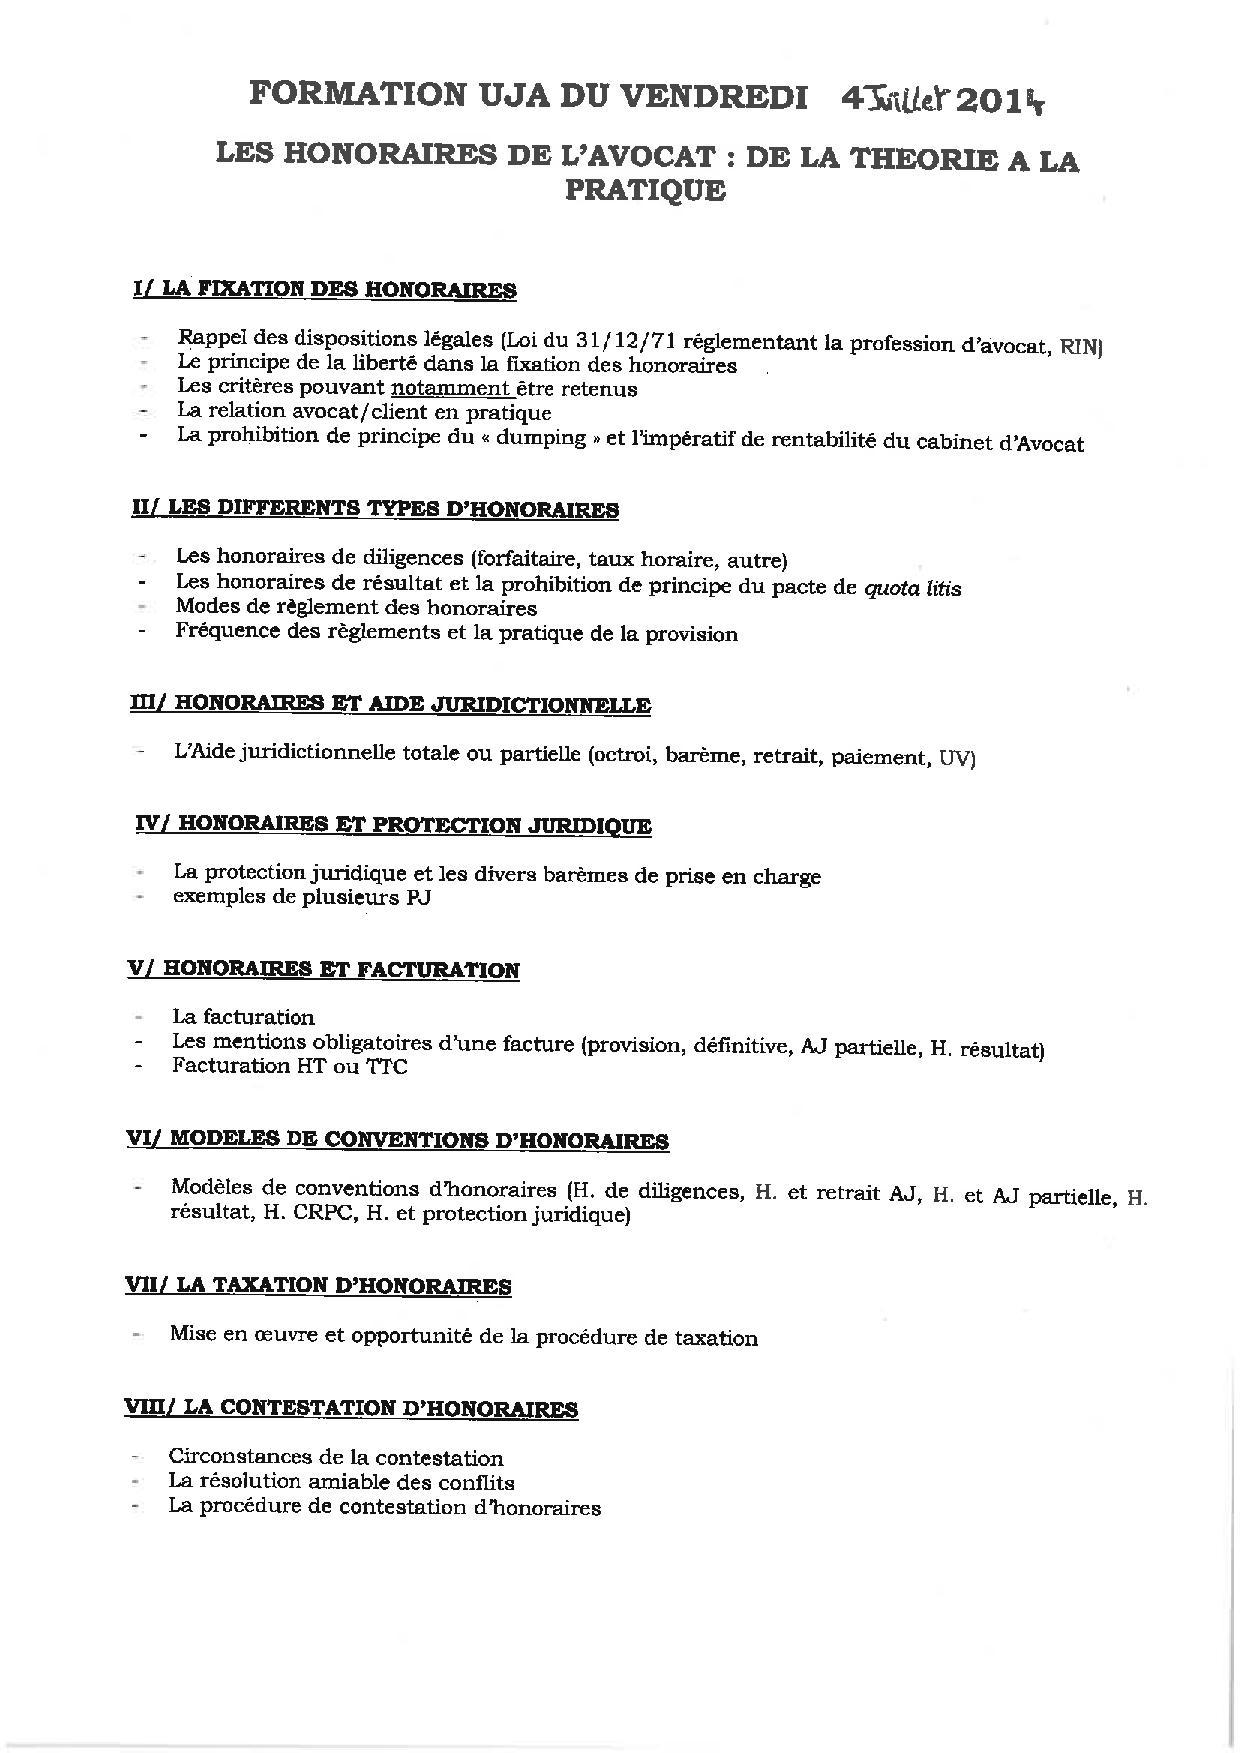 METZ - FORMATION : LES HONORAIRES DE L'AVOCAT : DE LA THEORIE A LA PRATIQUE